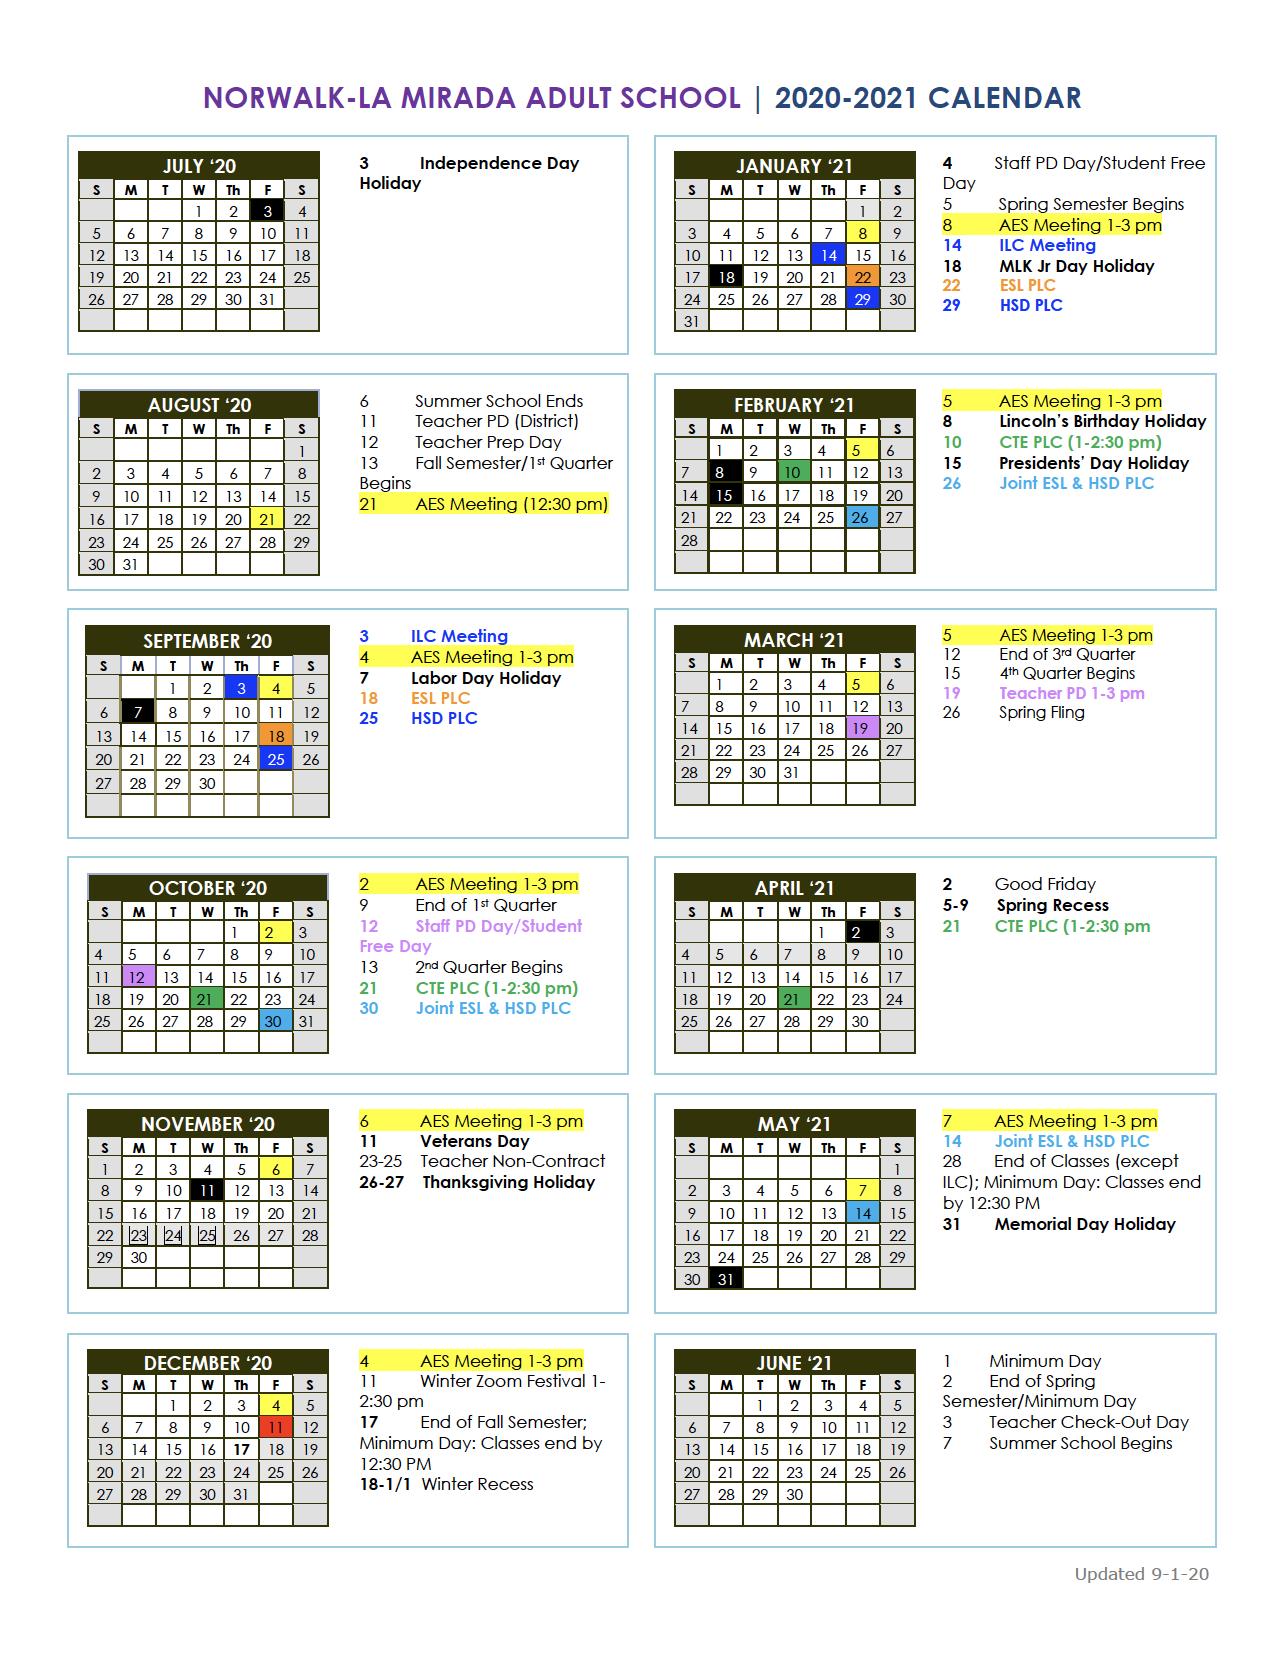 Nlmas 2020-2021 Master Calendar - Resources - Norwalk-La